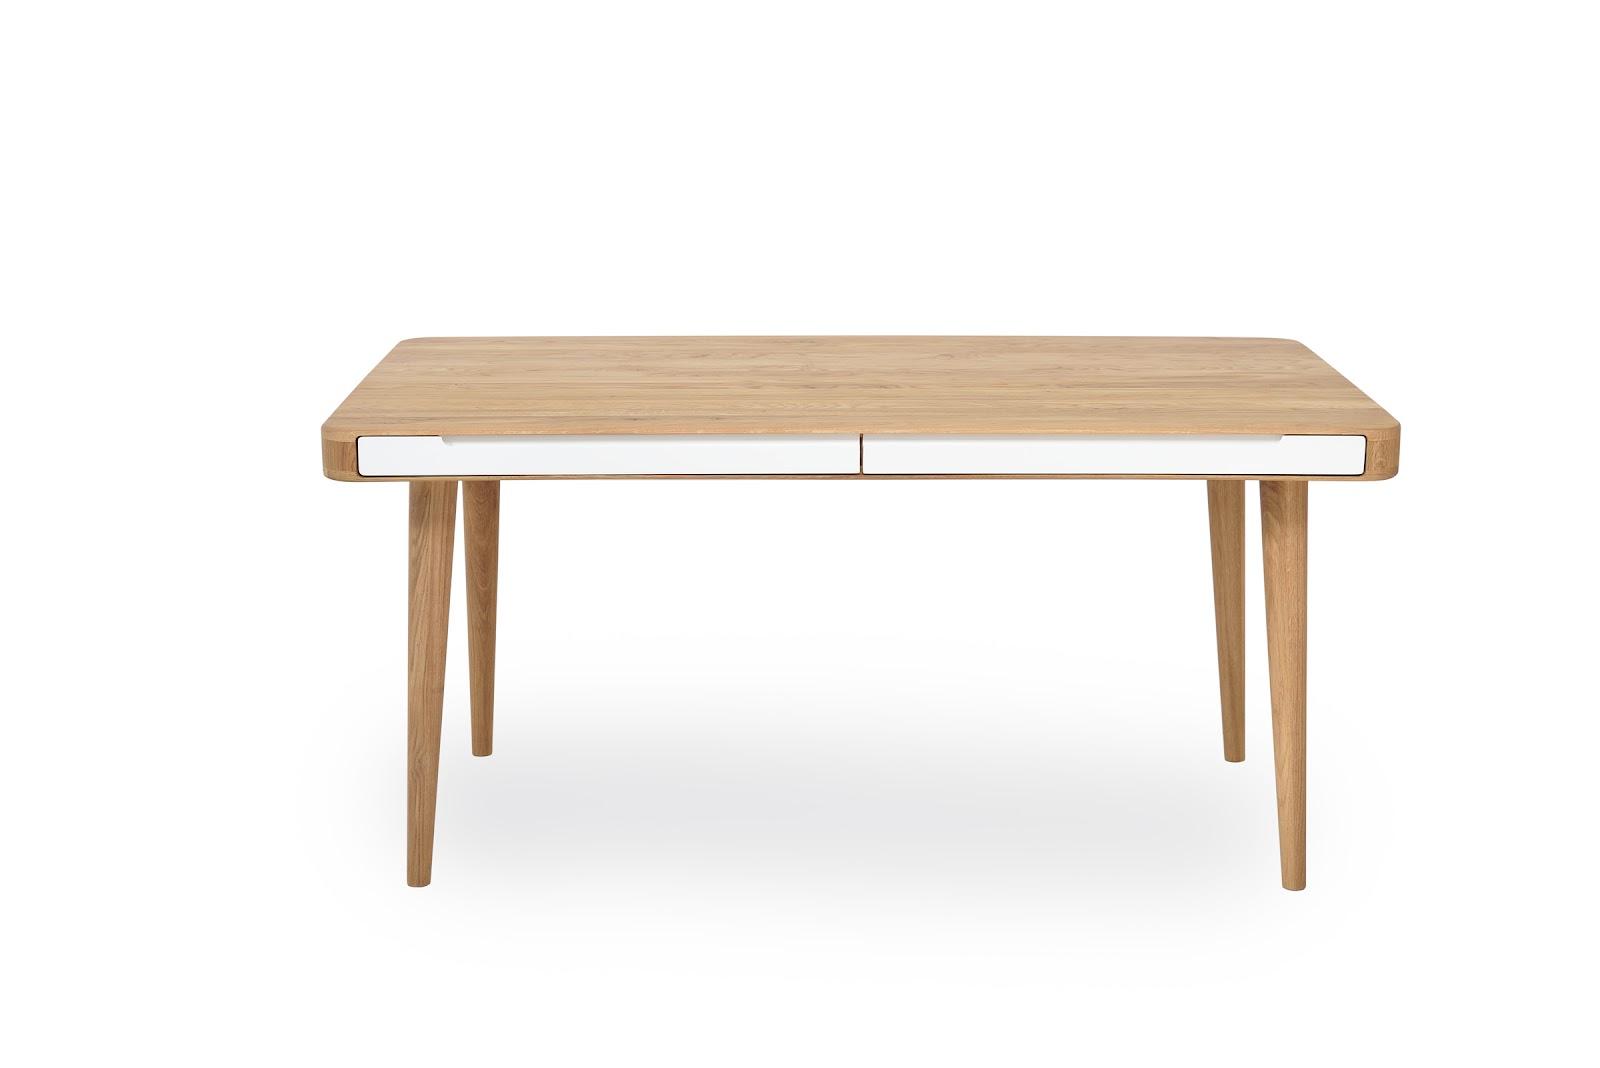 ena bureau tafel noordkaap meubelen